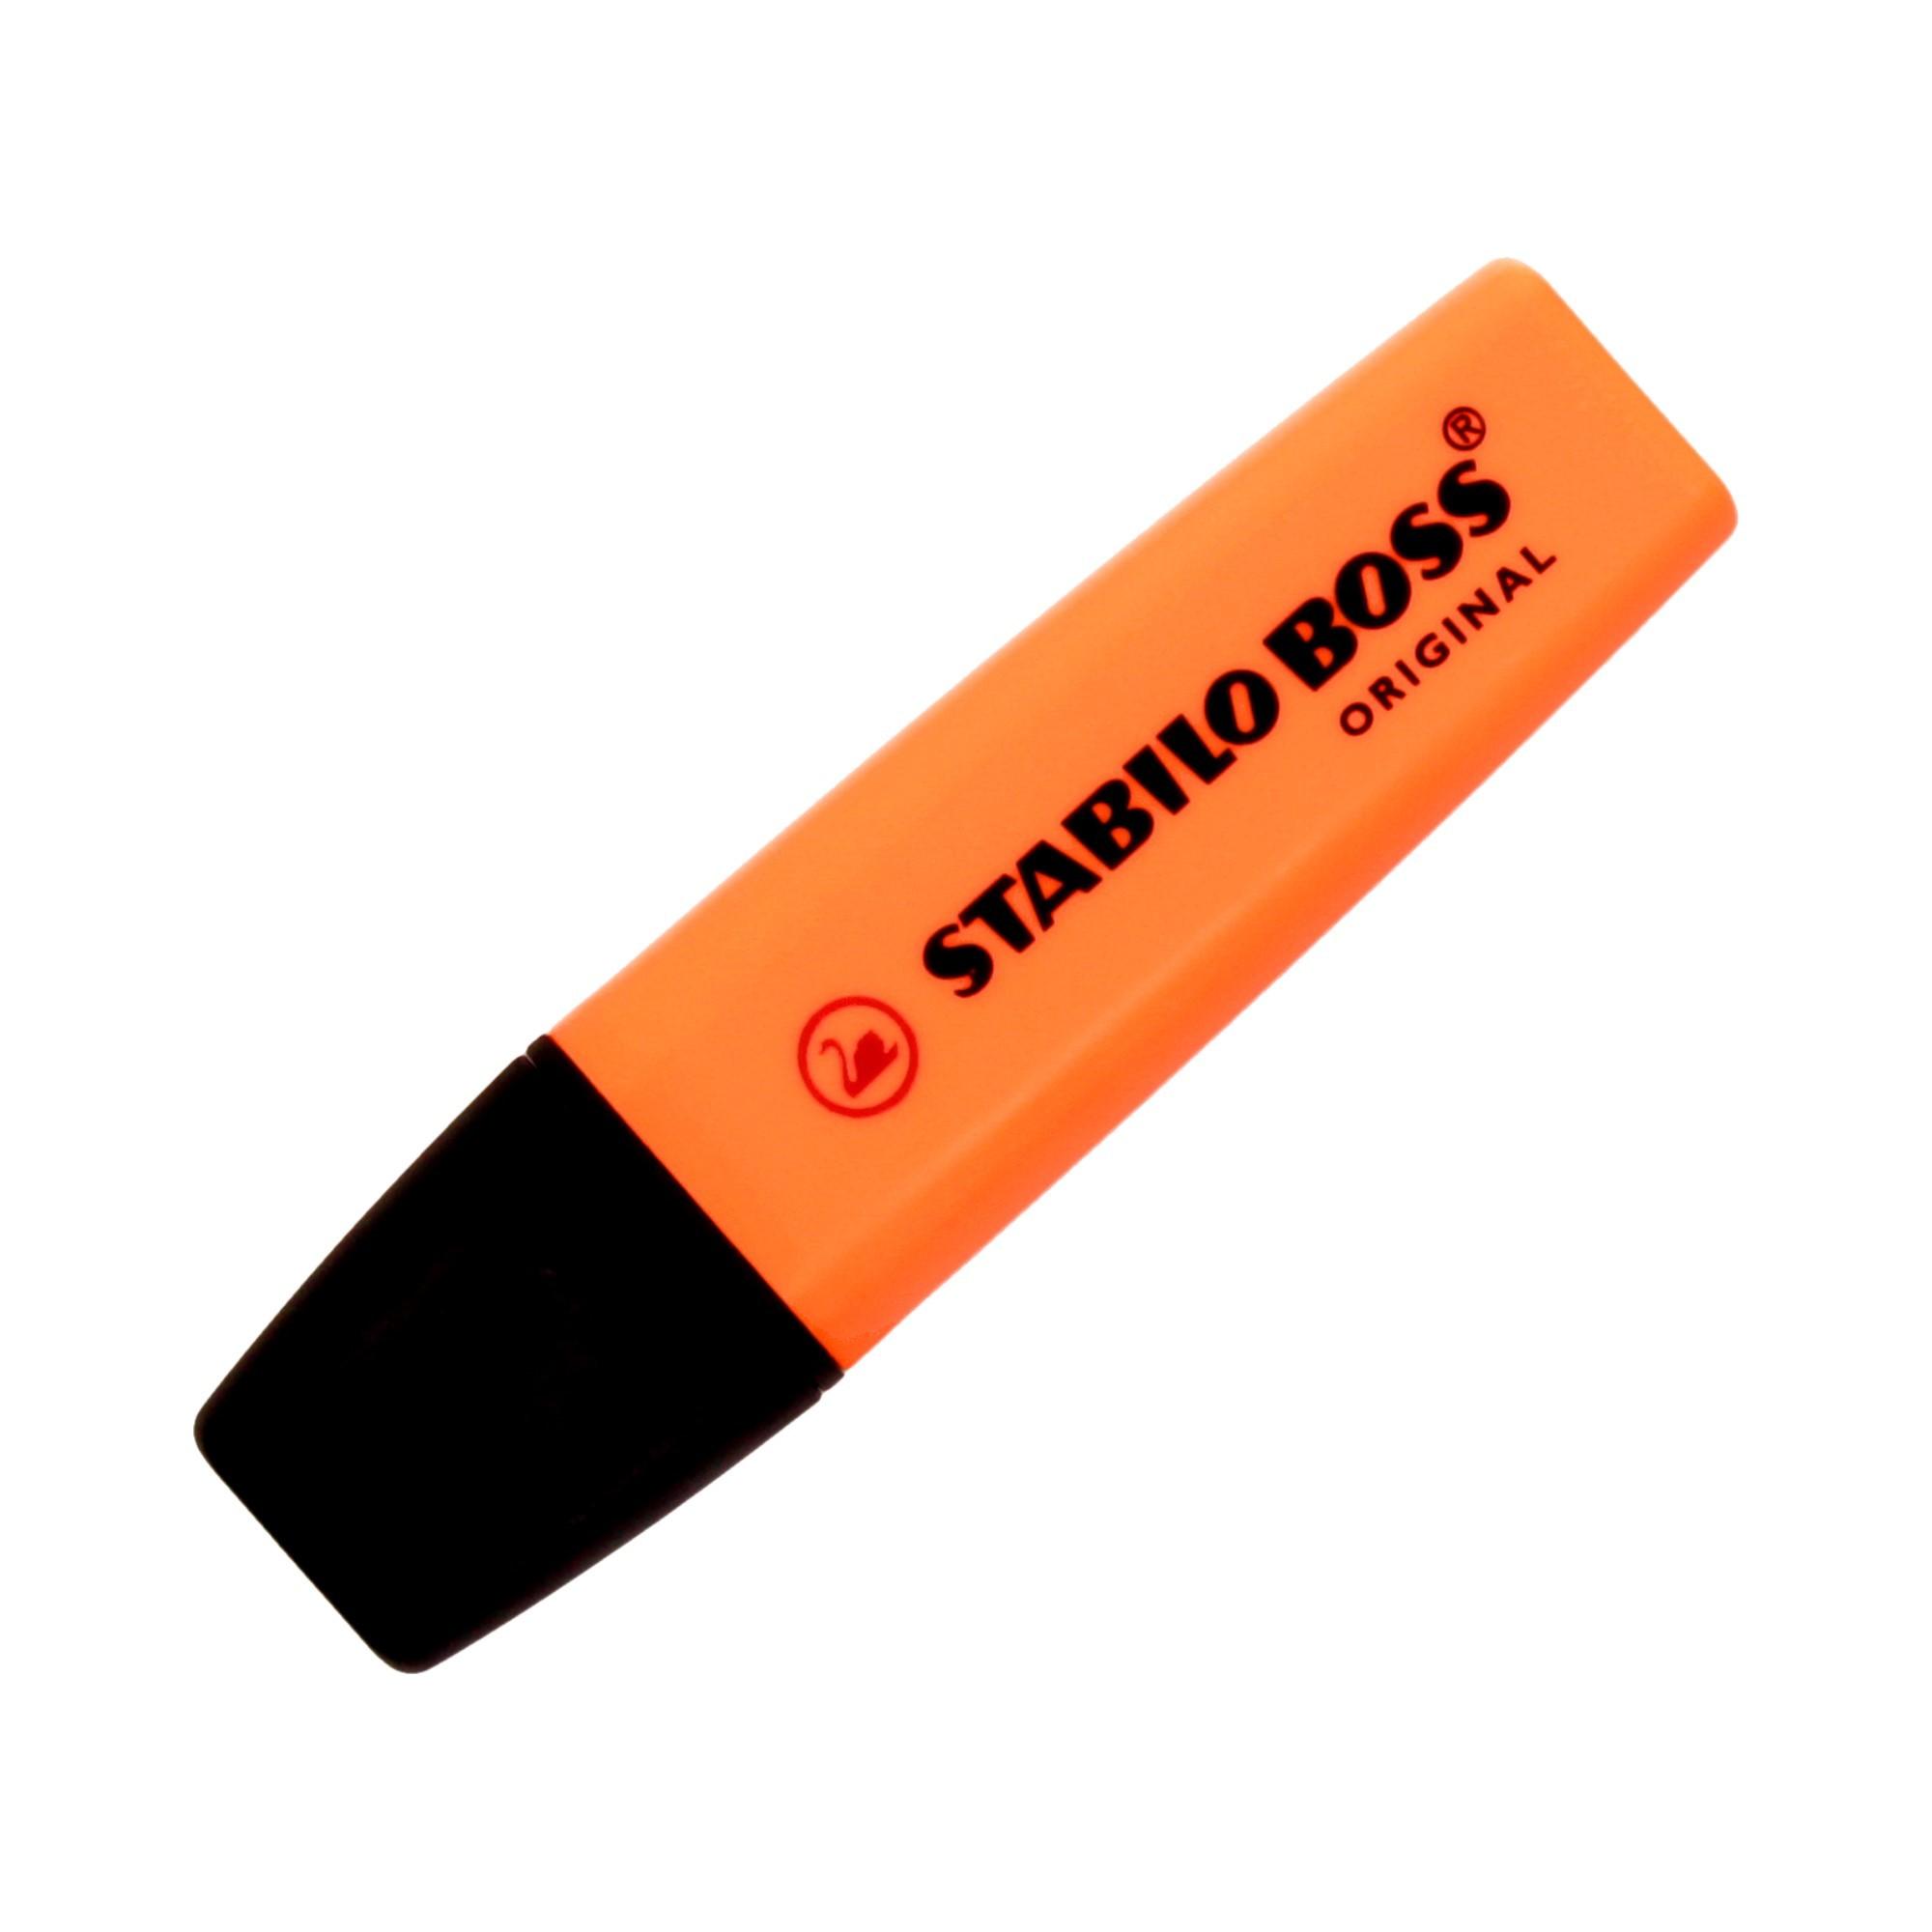 Zakreślacz pomarańczowy Boss Stabilo 70/54